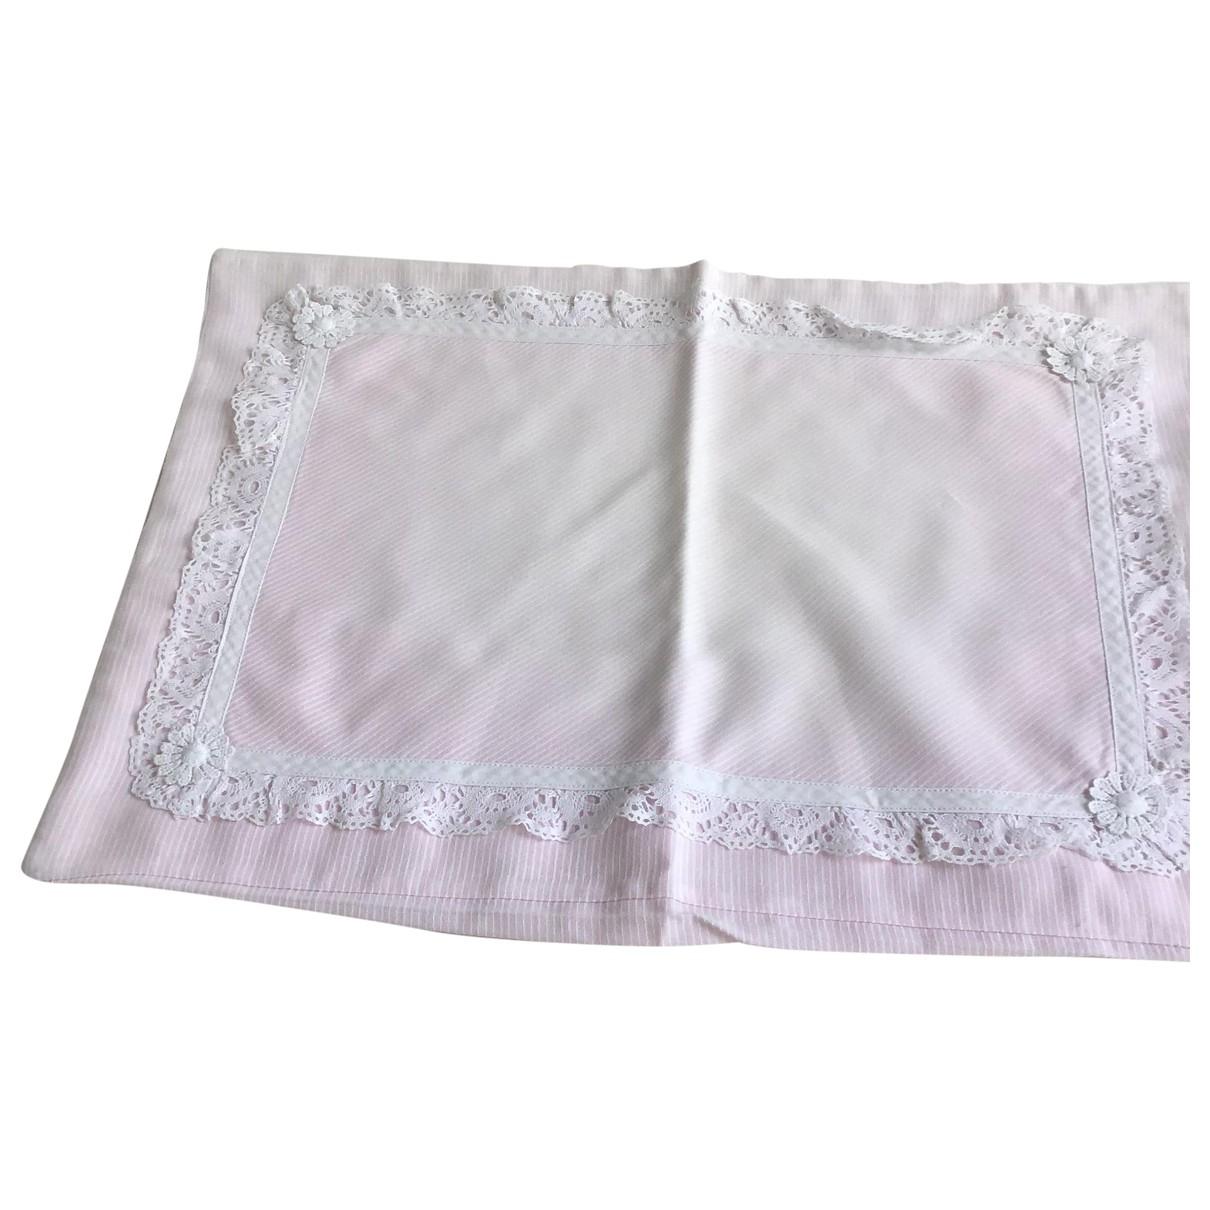 Dior - Linge de maison   pour lifestyle en coton - rose